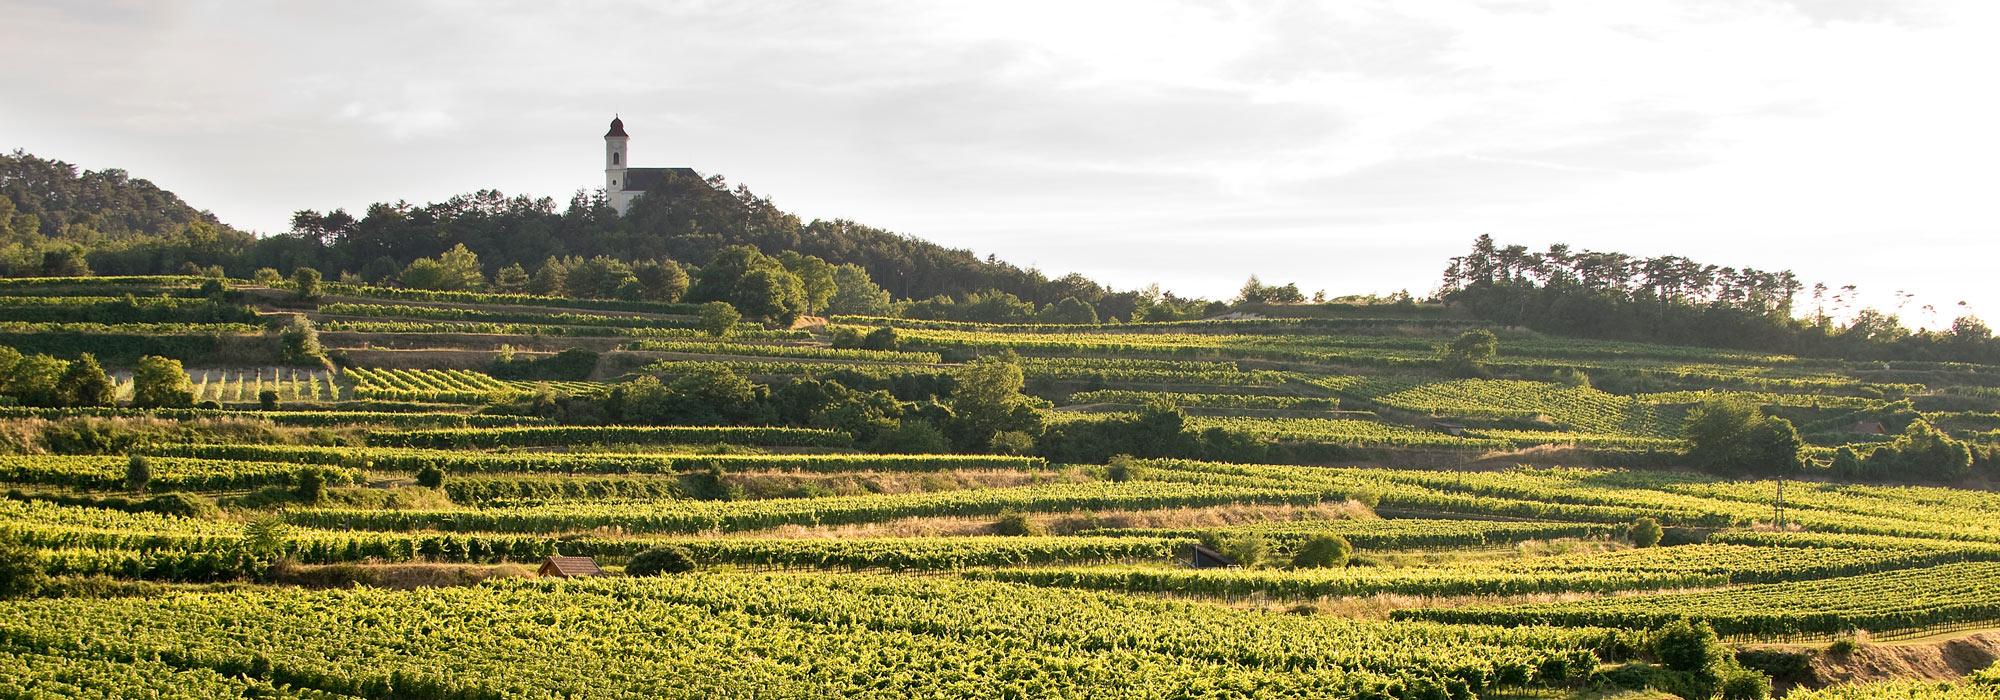 Weingärten von Forstreiter